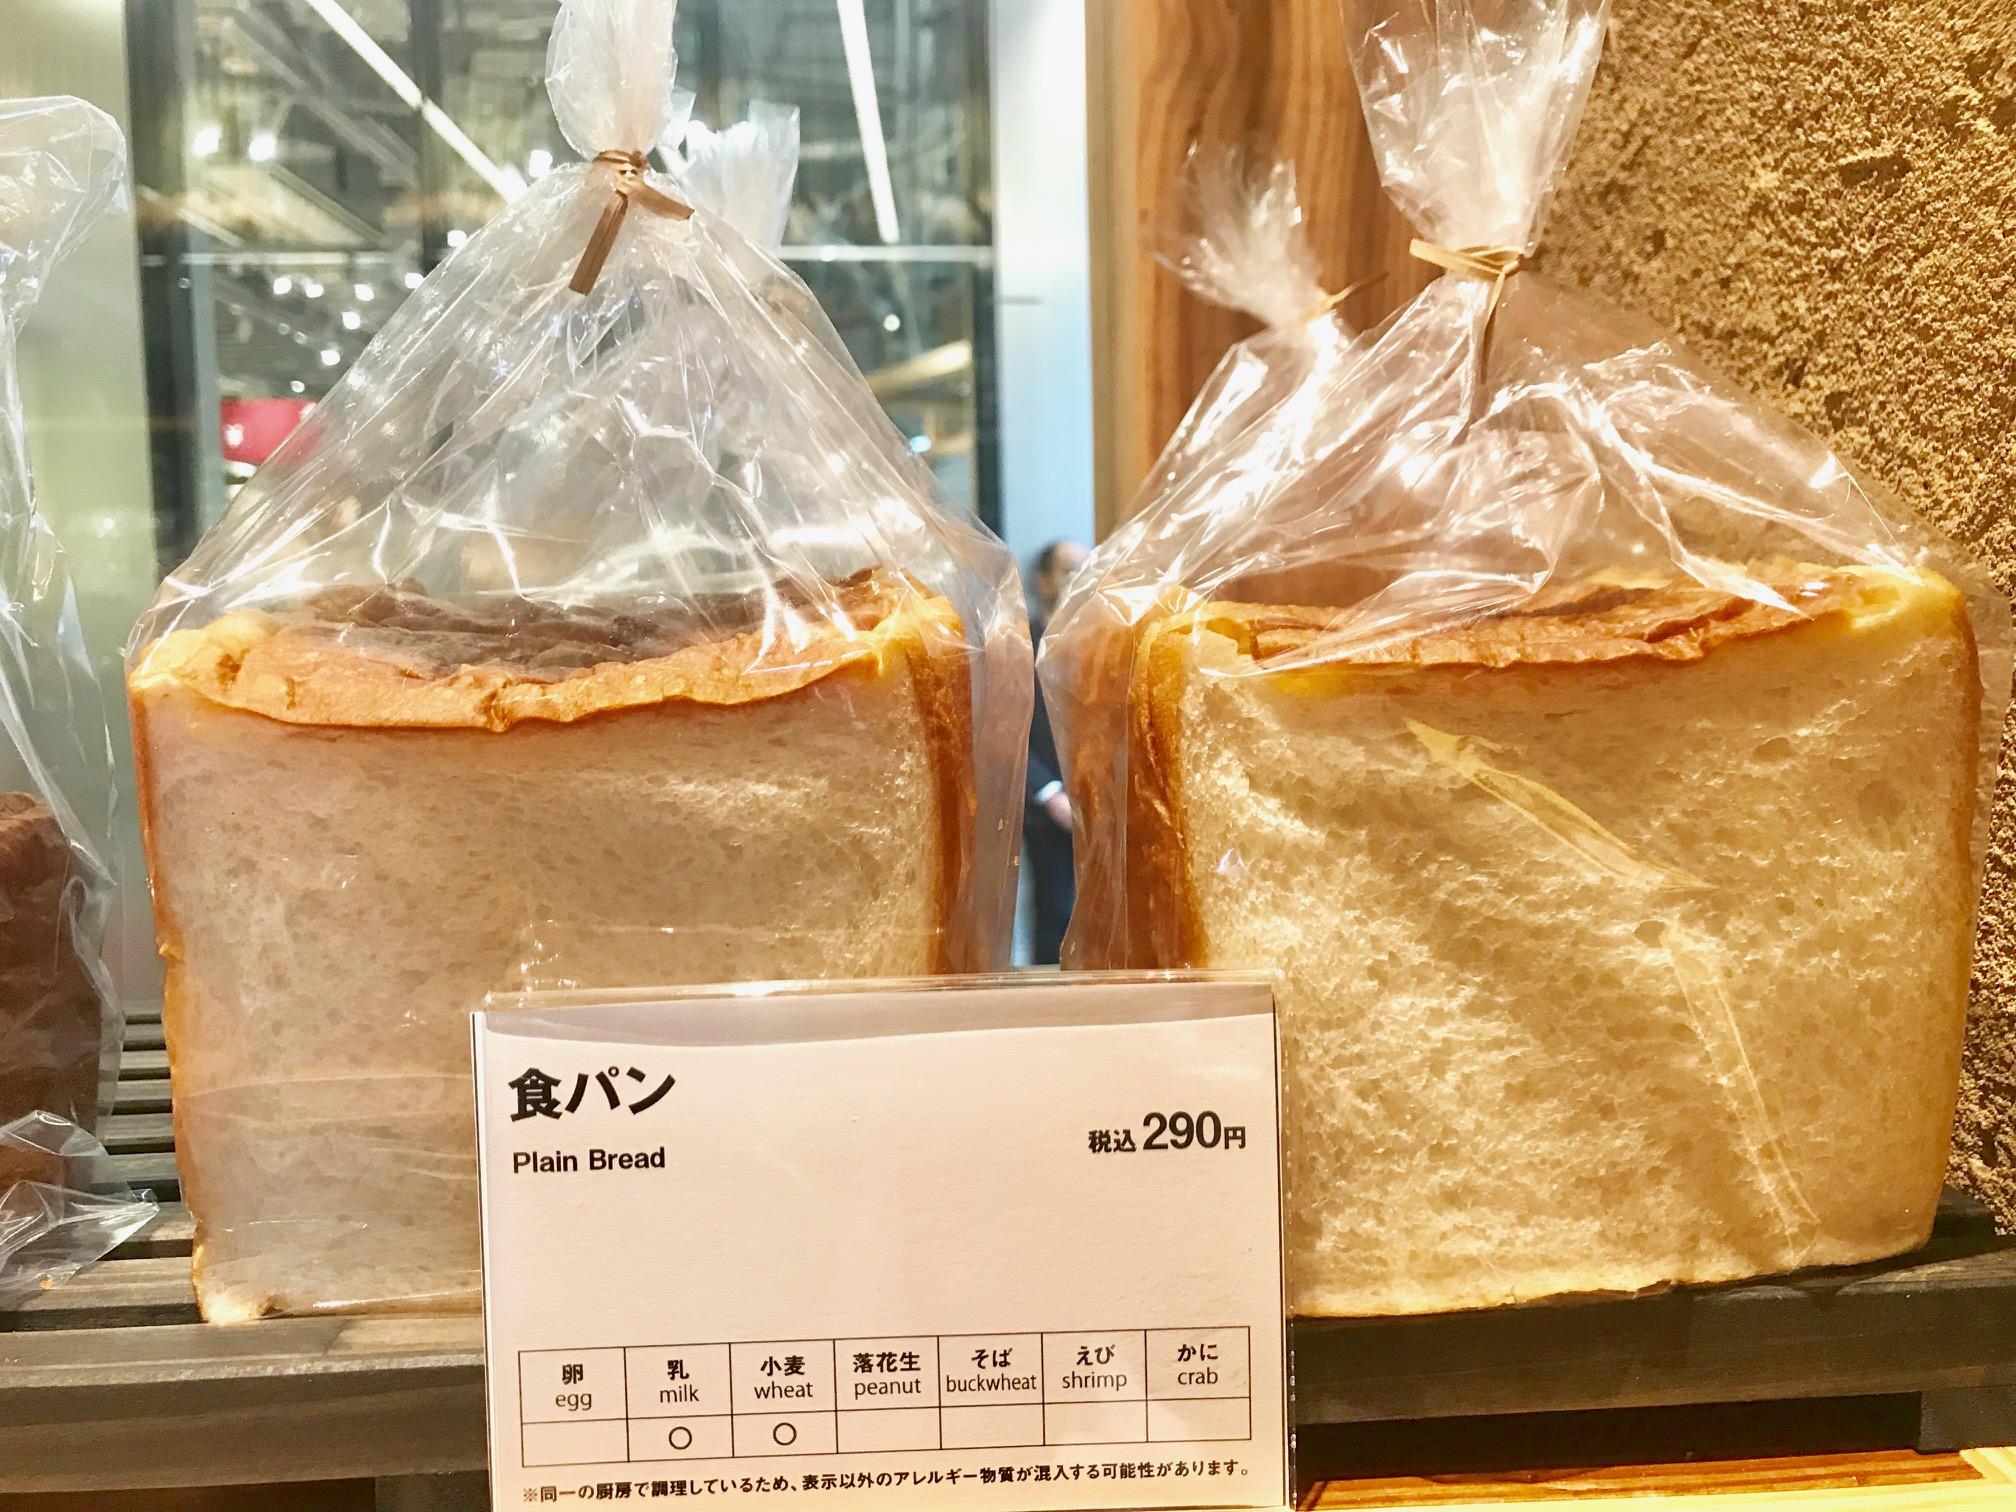 「無印良品 銀座」特集 - 無印良品の旗艦店OPEN!日本初のホテルやレストラン、限定商品まとめ_27